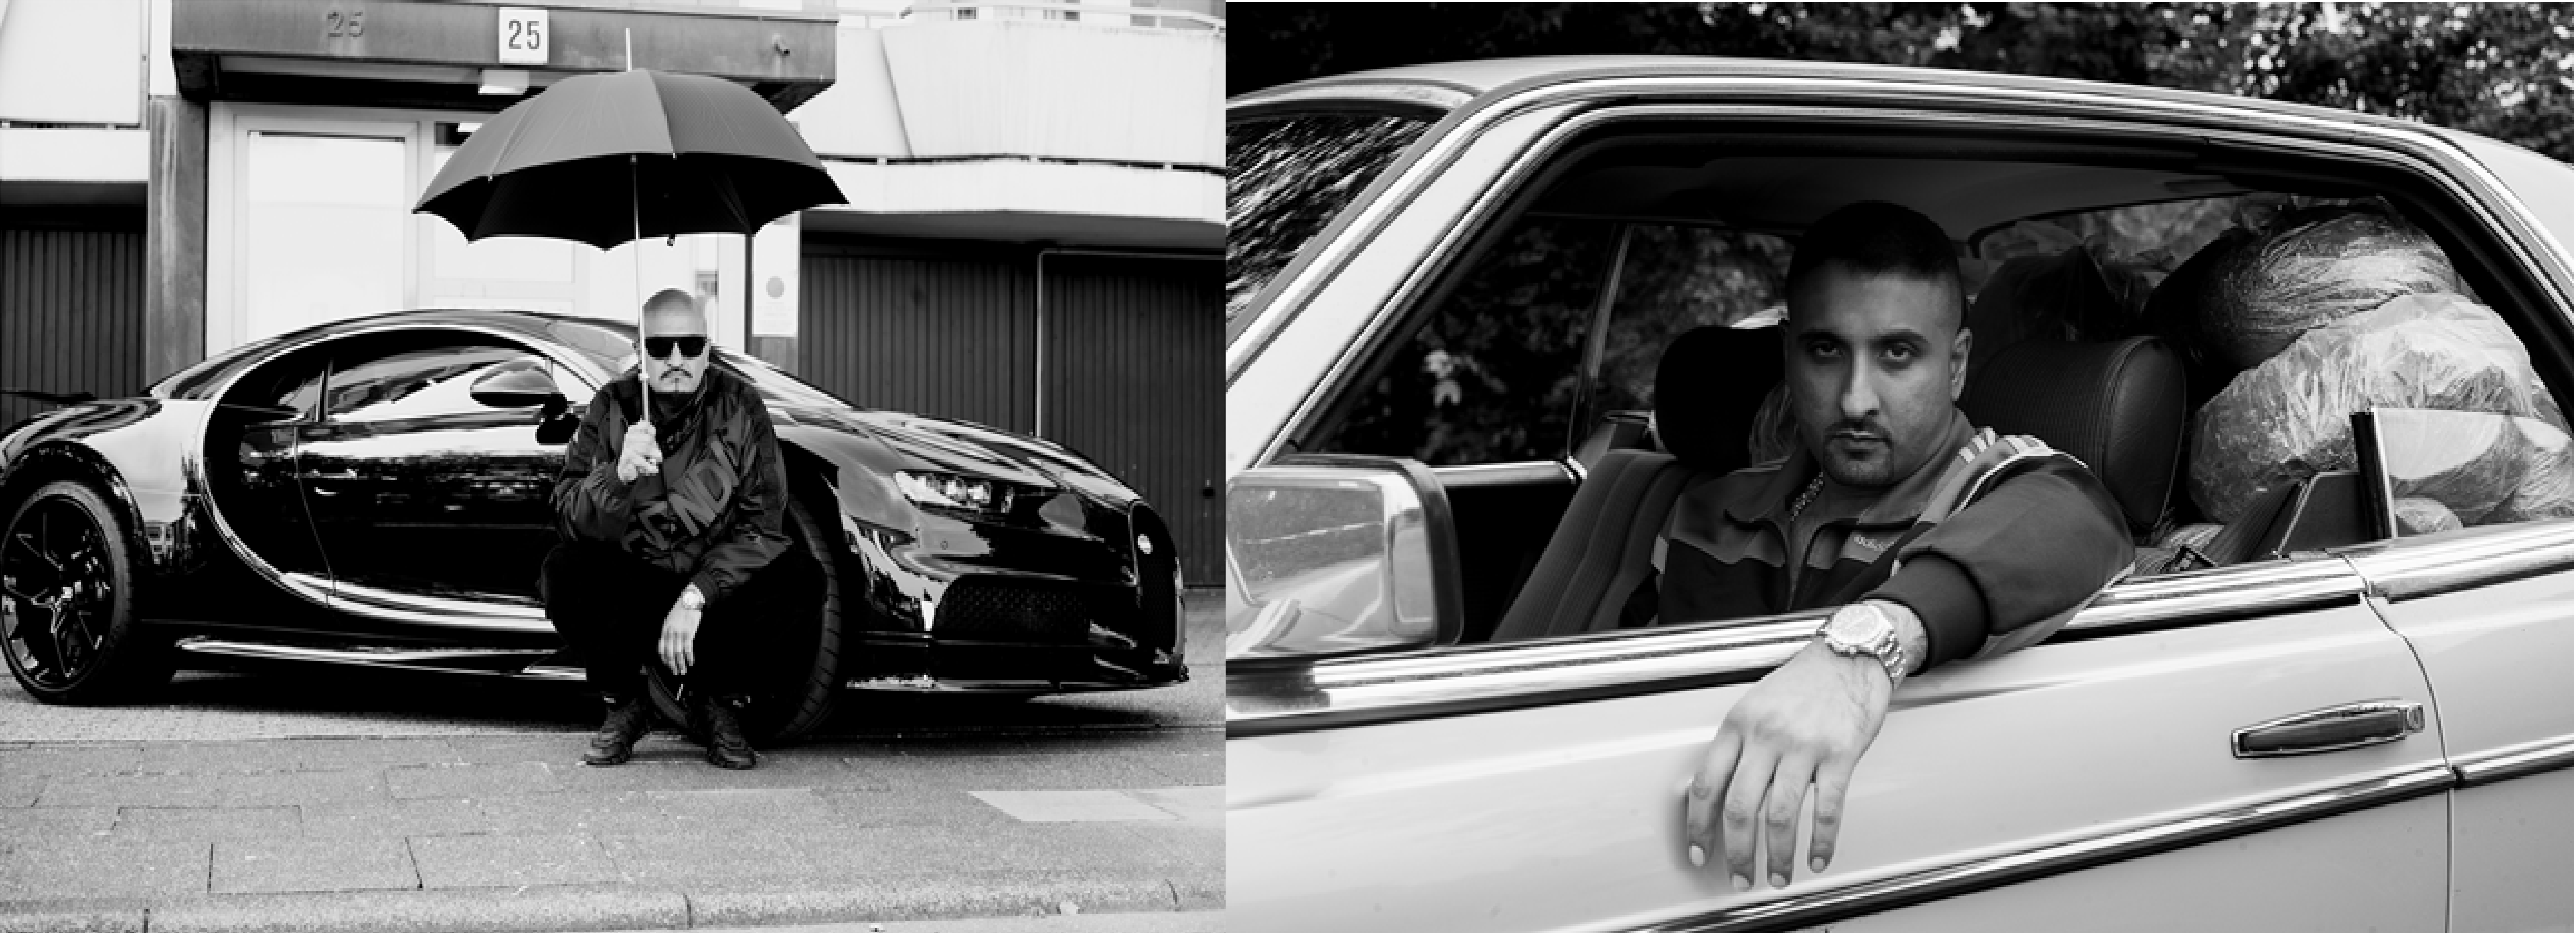 XATAR und SSIO – Wer chartet höher? – Die beiden Rap-Champs fordern sich heraus und starten die abgedrehteste Wette der Szene!